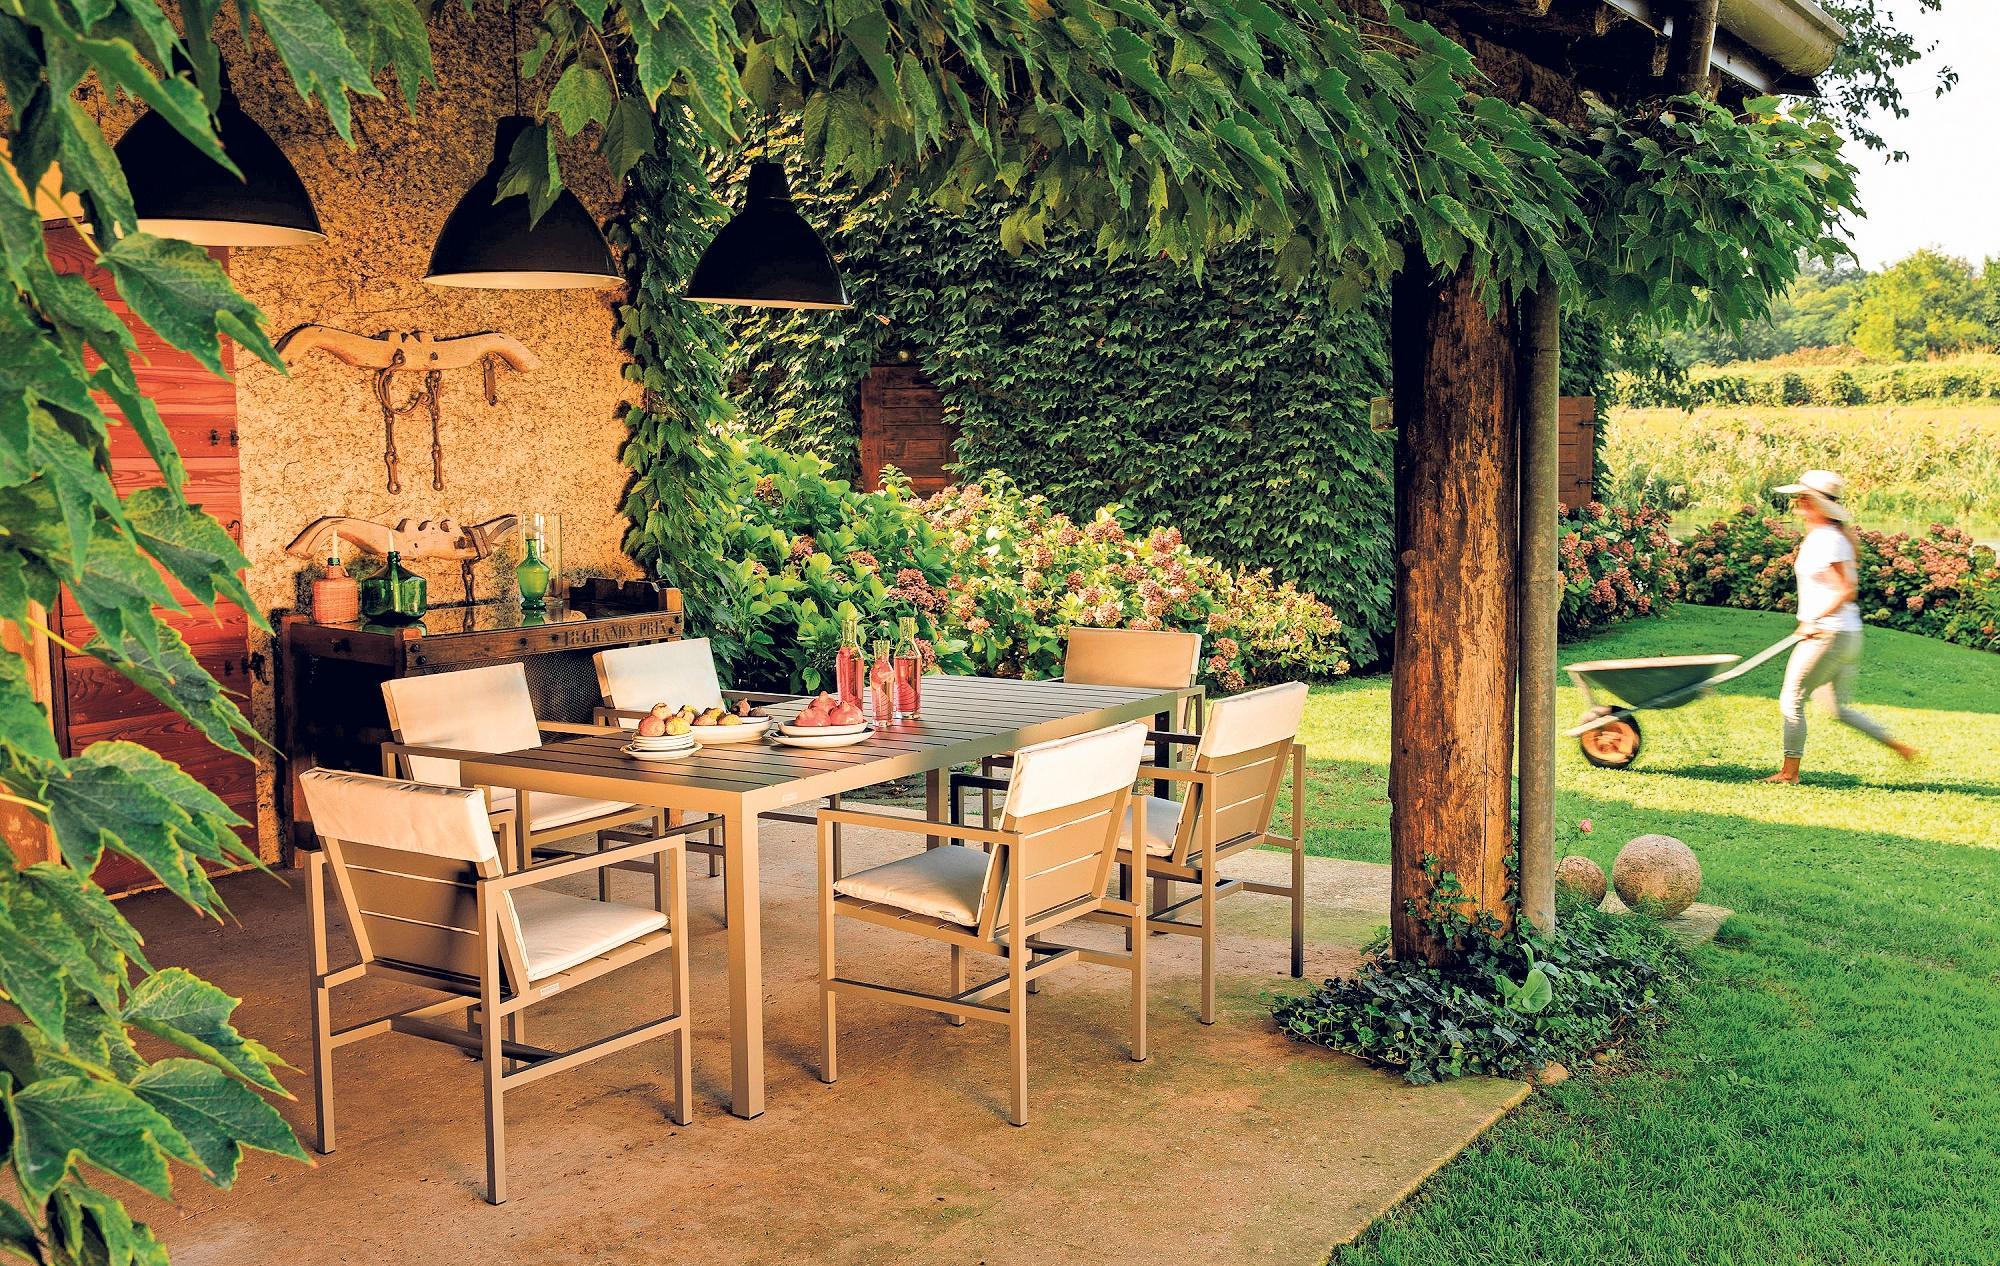 Das Esszimmer für den Sommer im Freien: Terrassen sollten so möbliert werden, wie man auch die gemütlichen Räume im Haus einrichtet – mit gemütlichen Sitzgruppen, kleinen Regalen, Leuchten und Accessoires. Foto: Weishäupl/dpa-tmn